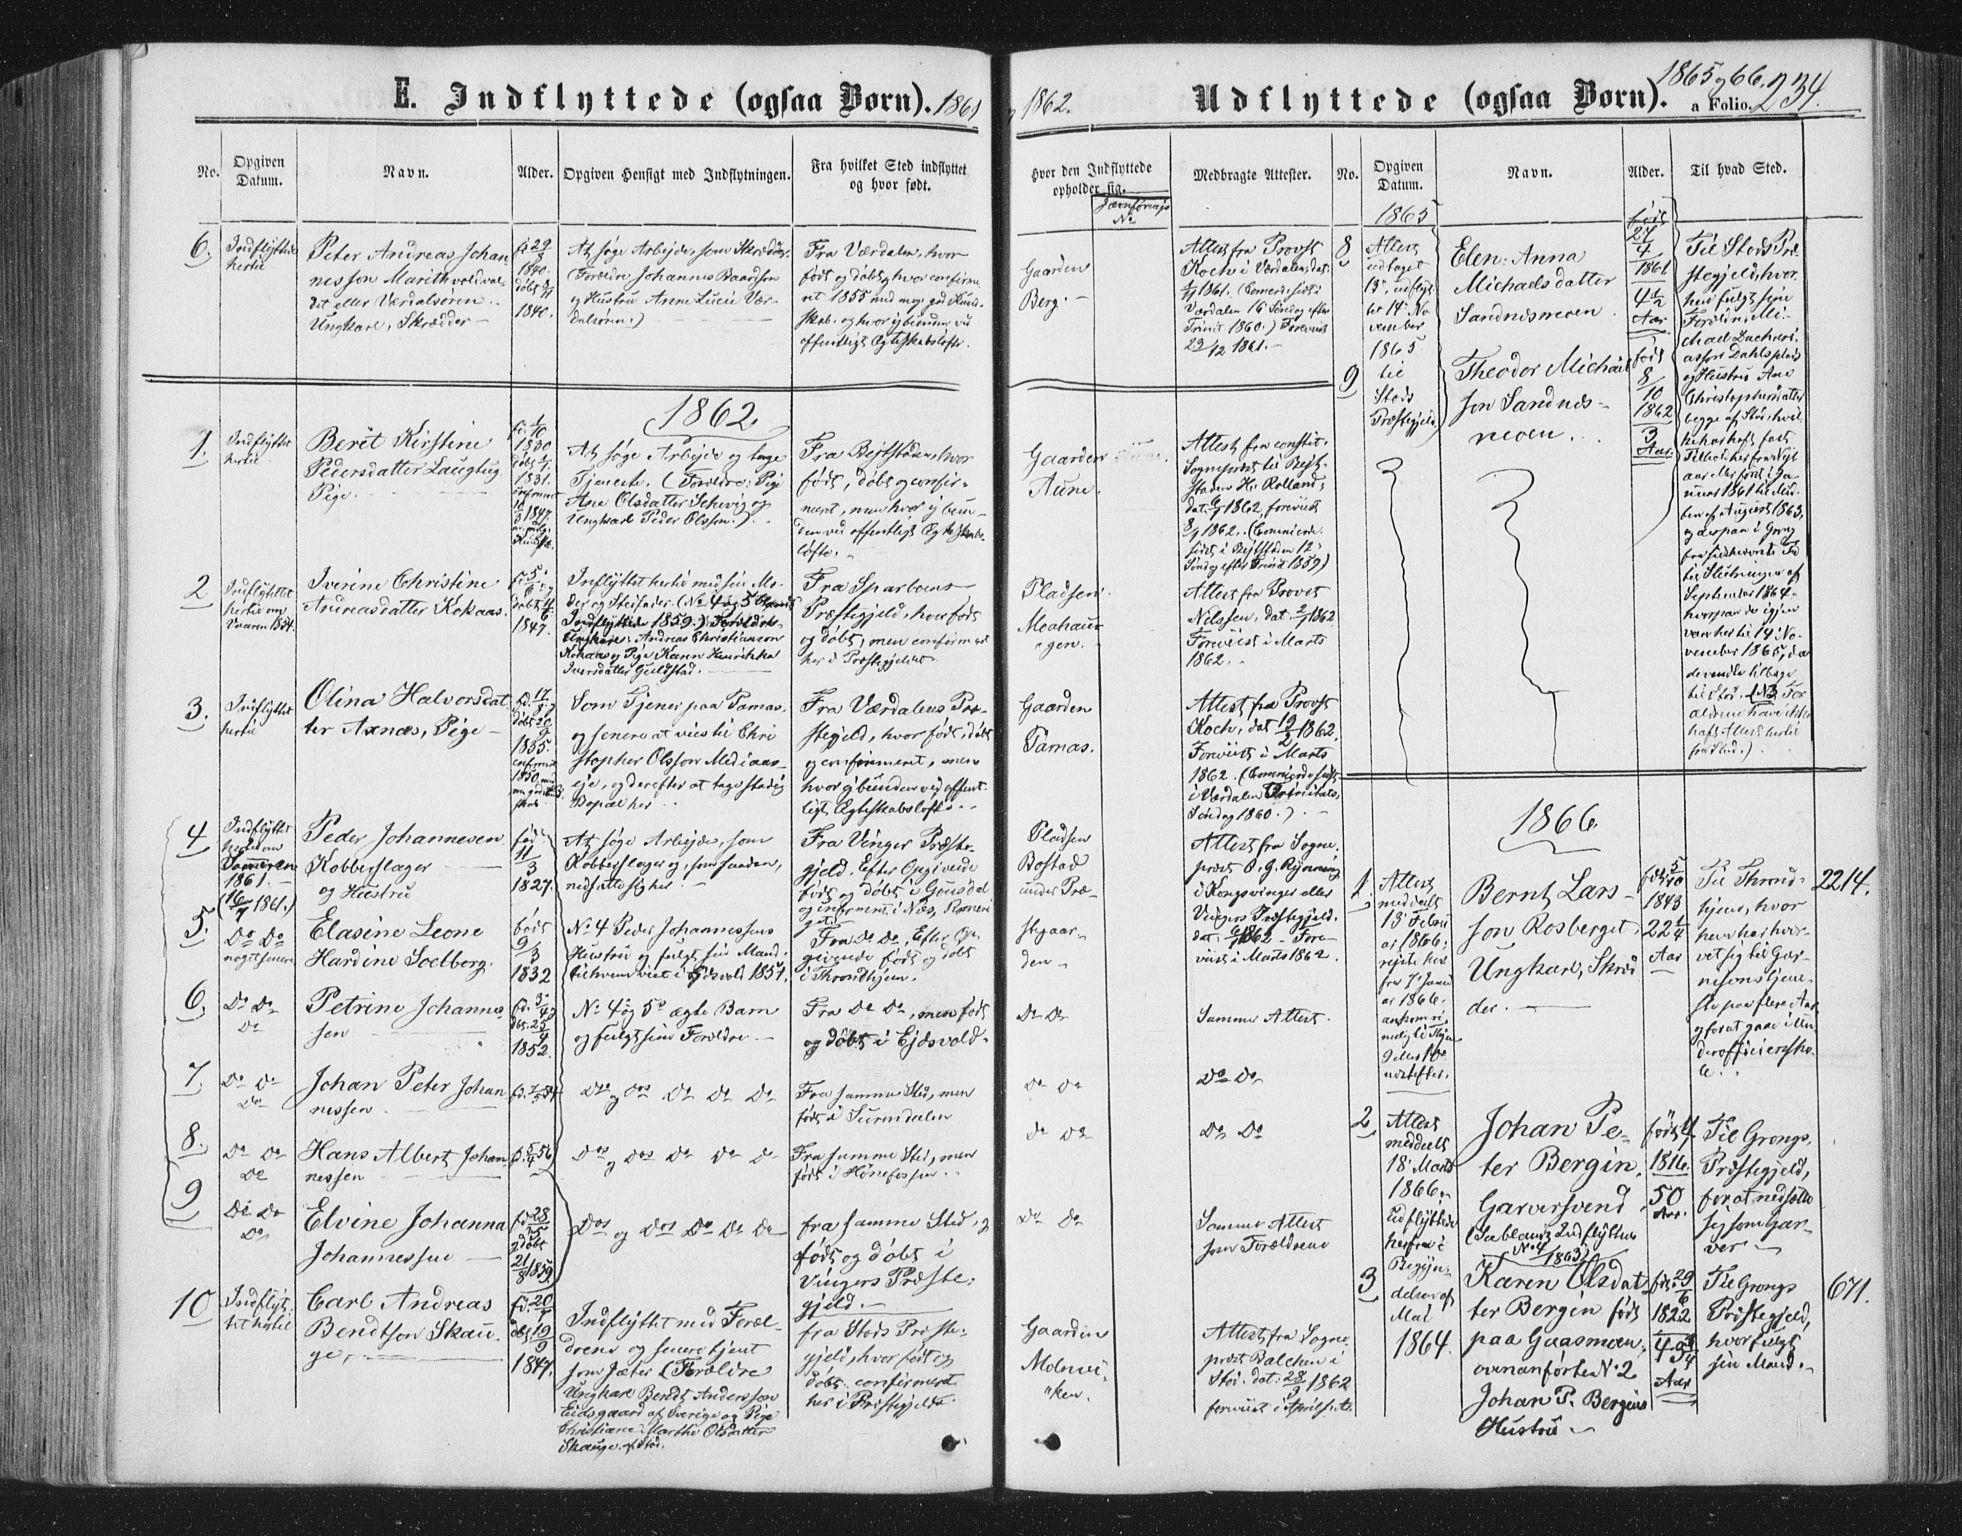 SAT, Ministerialprotokoller, klokkerbøker og fødselsregistre - Nord-Trøndelag, 749/L0472: Ministerialbok nr. 749A06, 1857-1873, s. 234